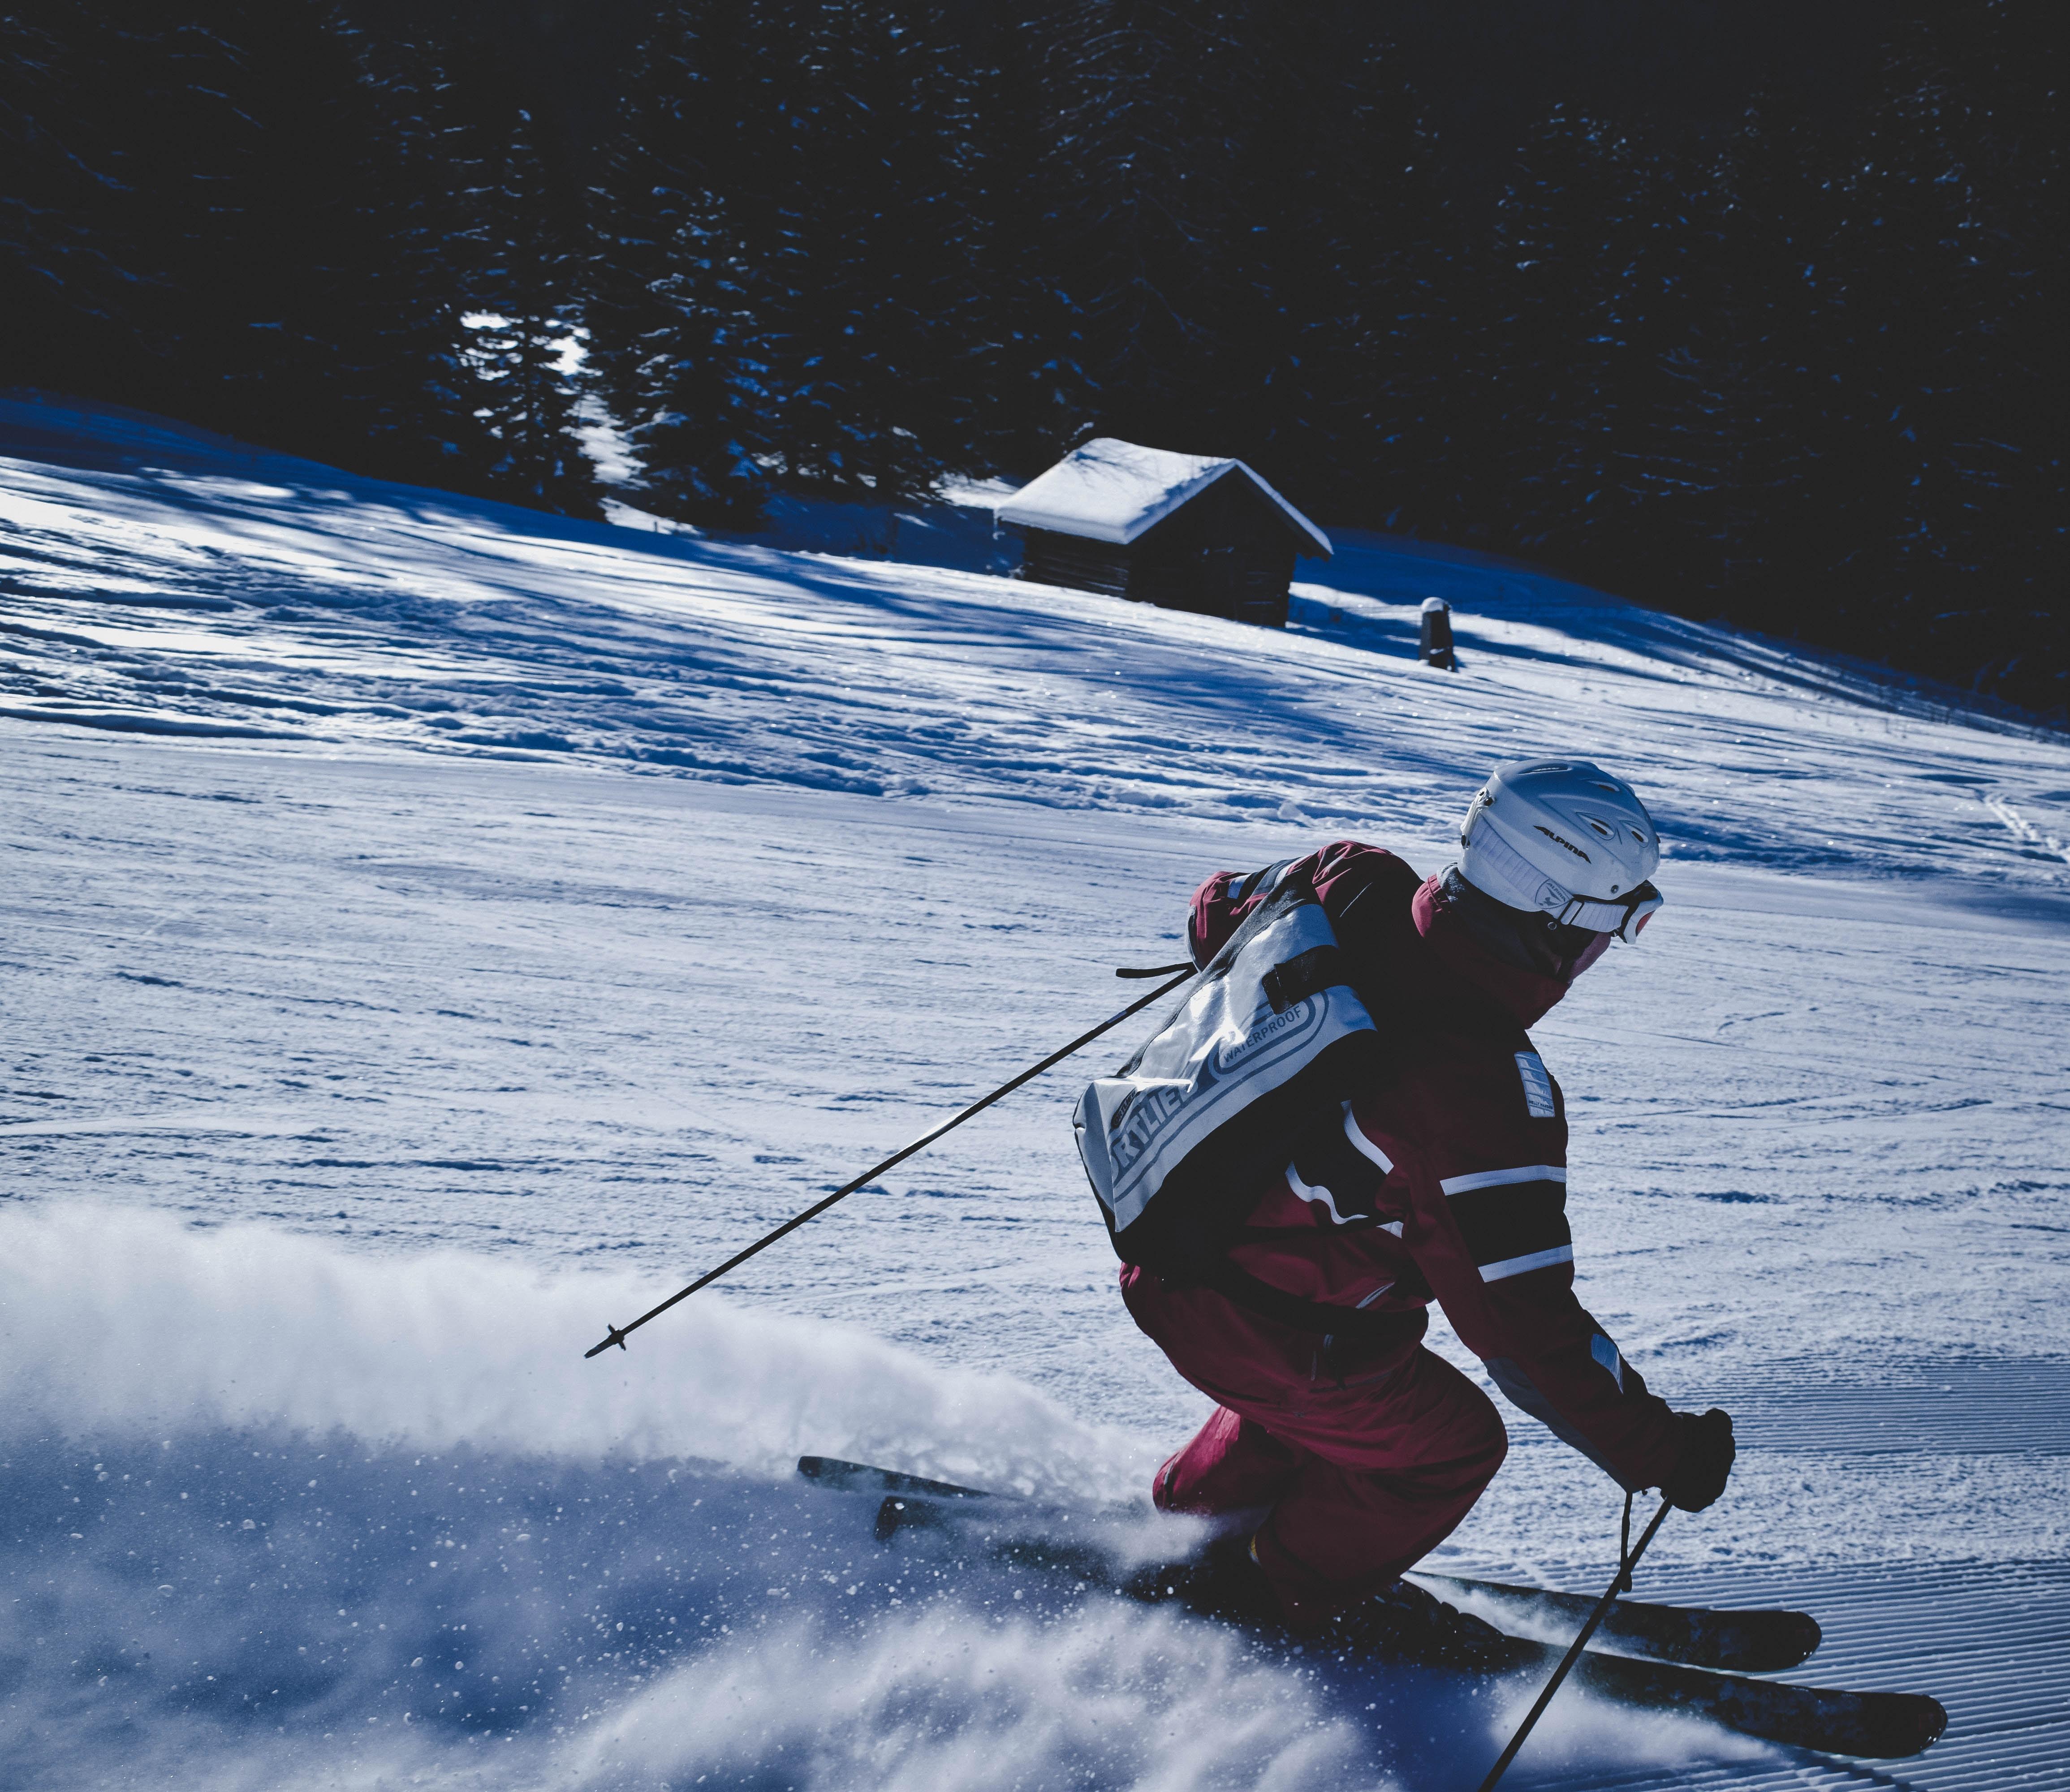 A skier going down a snowy slope in Garmisch-Partenkirchen